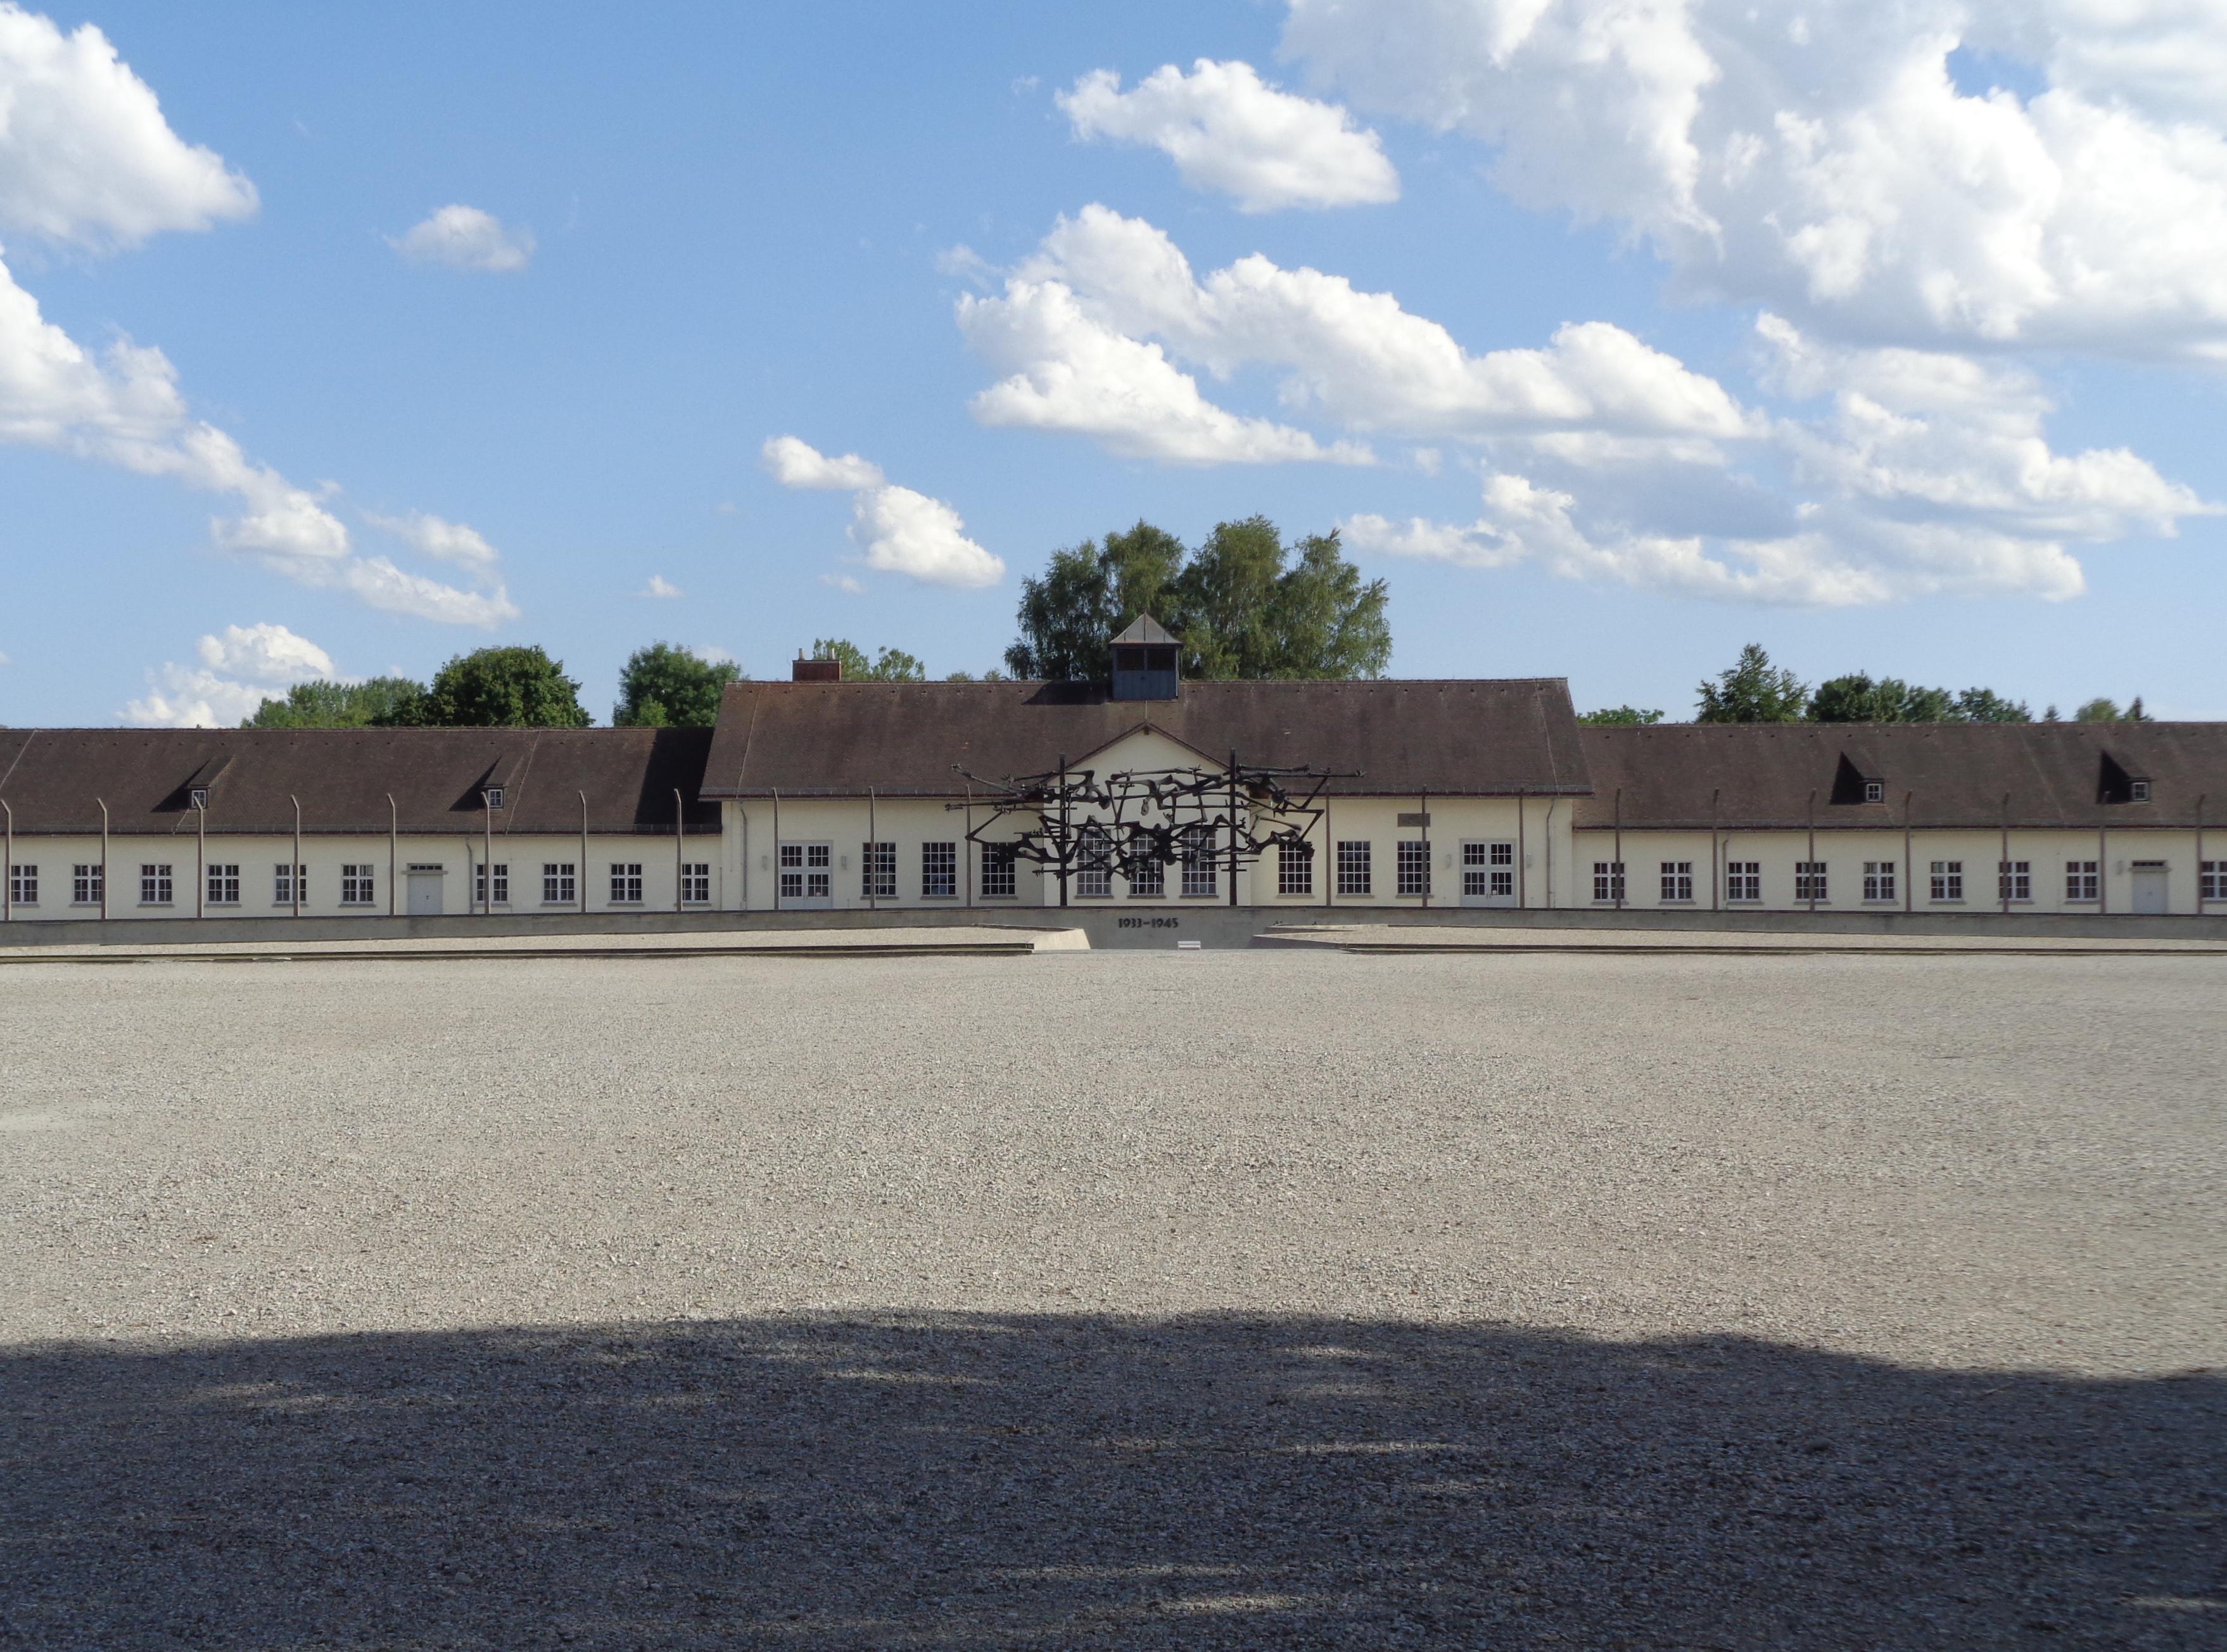 Dachau, první koncentrační tábor nacistů. Foto P. Mach